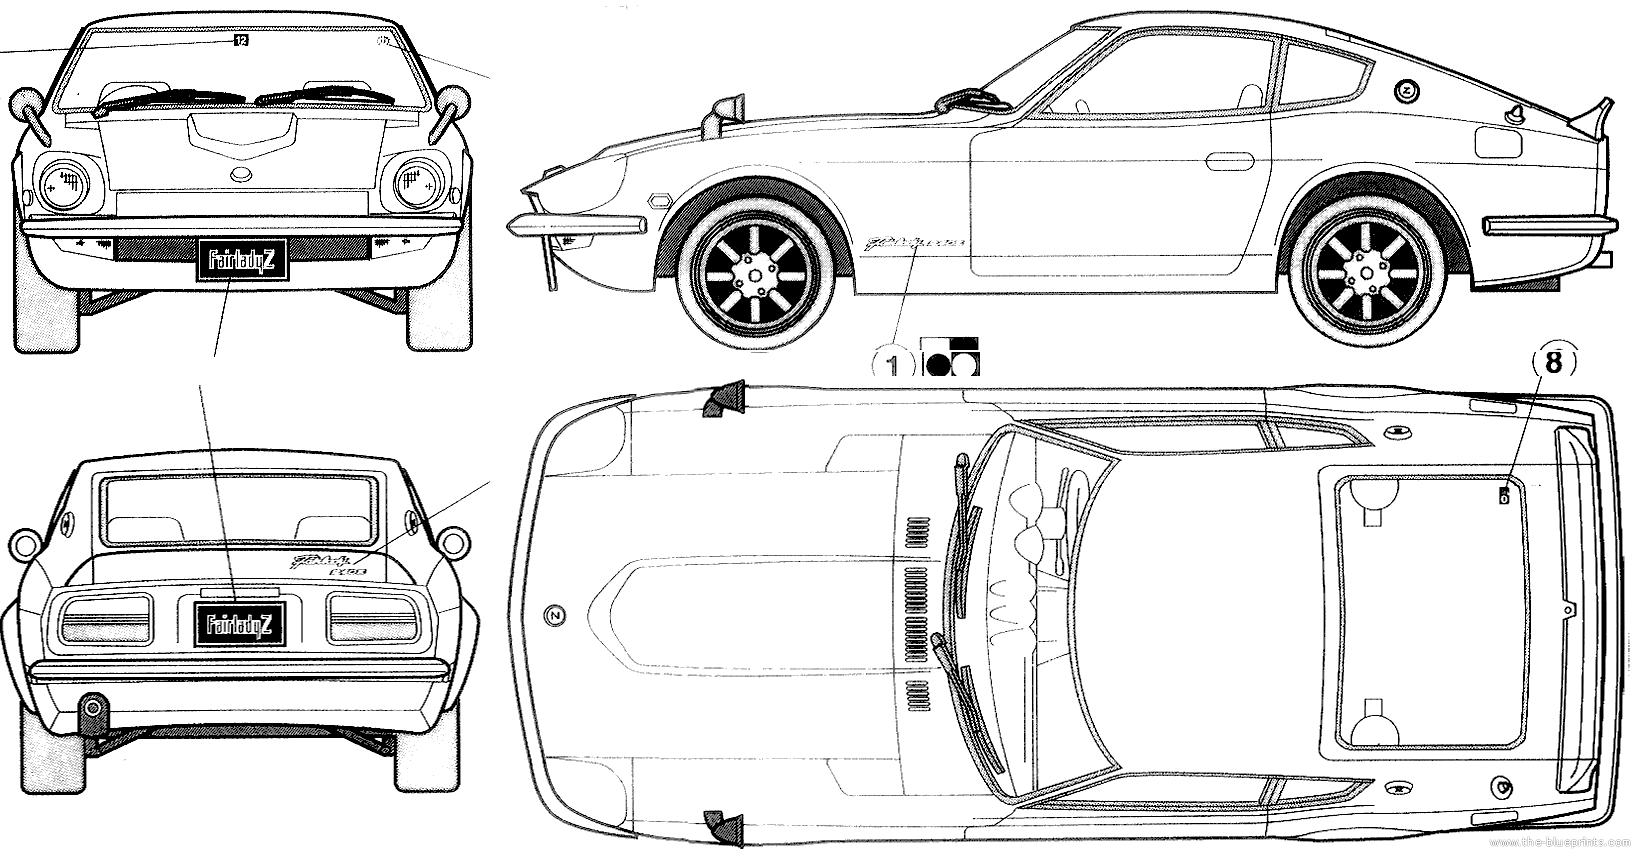 Blueprints Gt Cars Gt Datsun Gt Datsun 240z